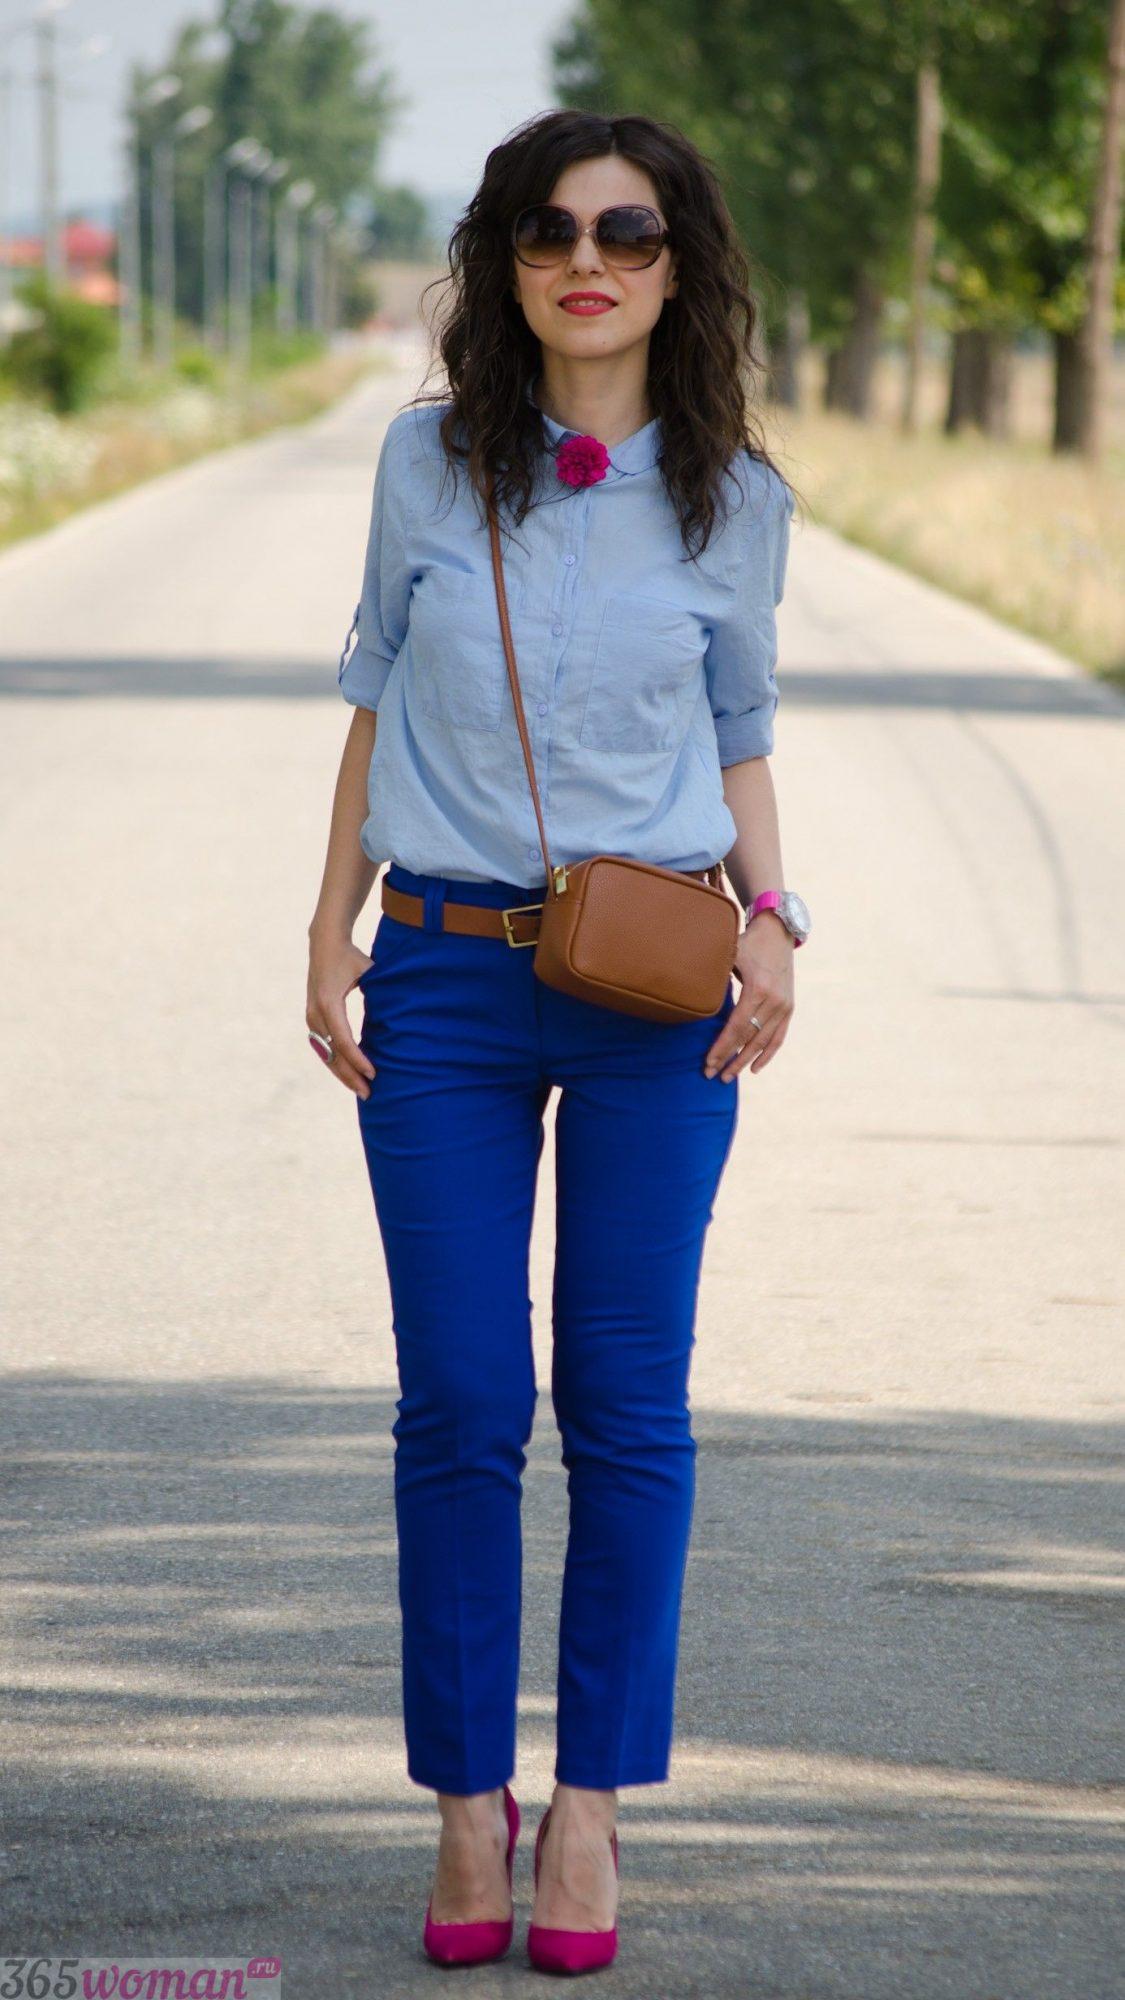 с чем носить классические ярко синие брюки и светлая рубашка